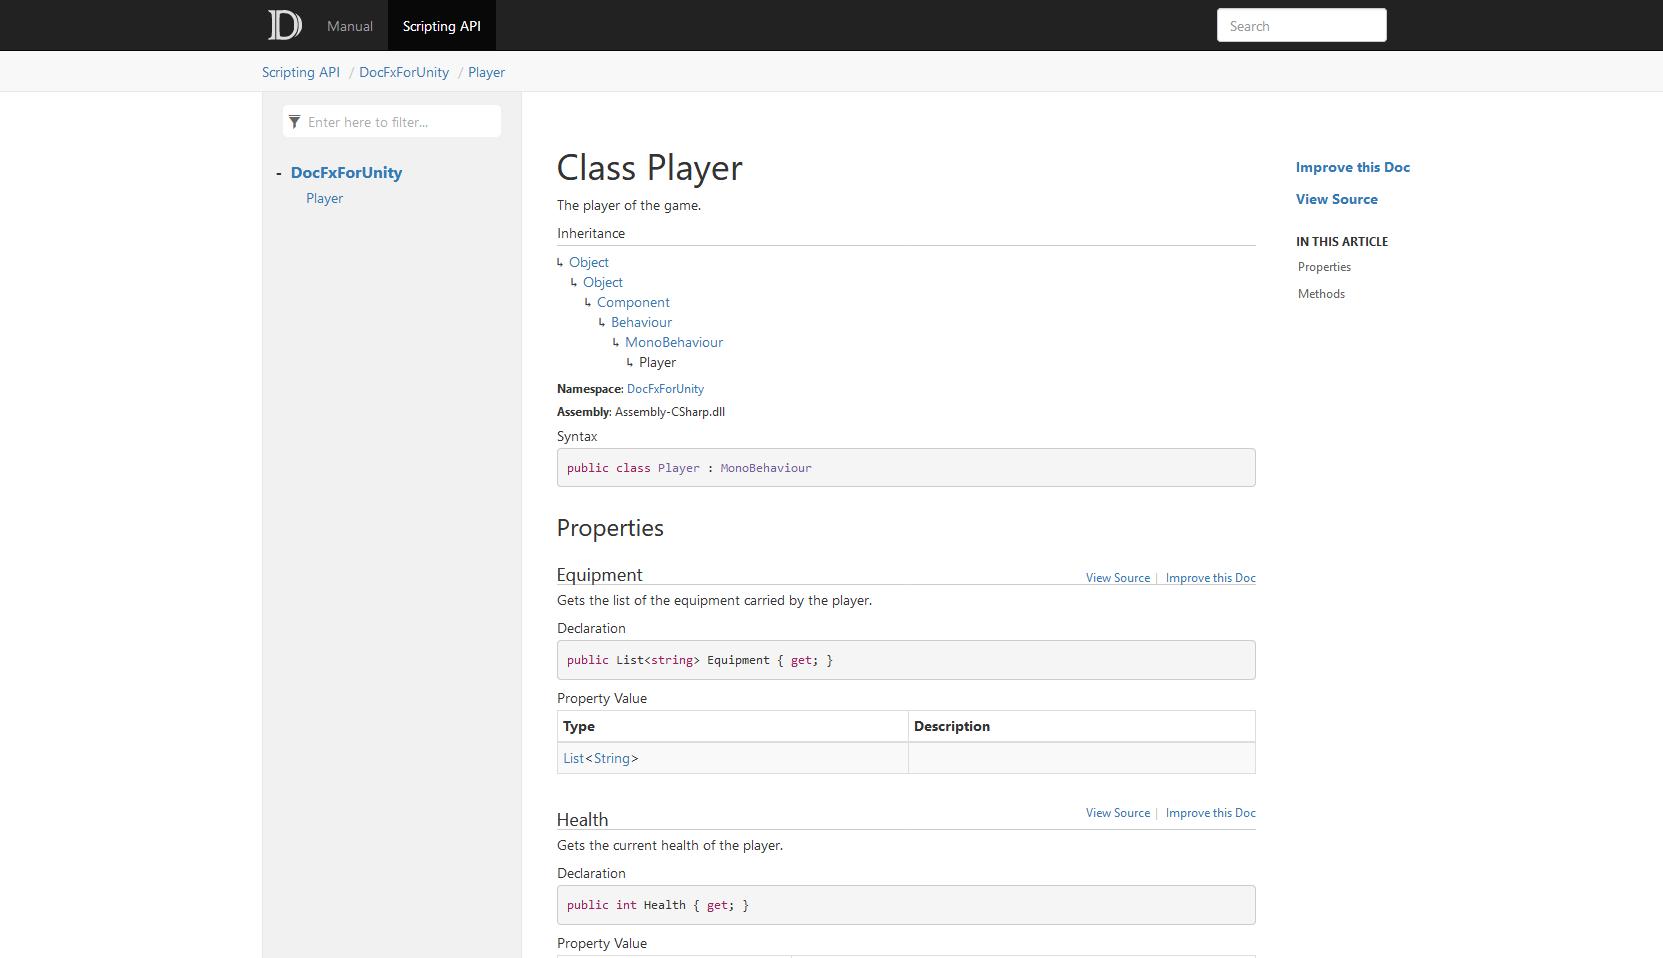 DocFxForUnity documentation scripting API